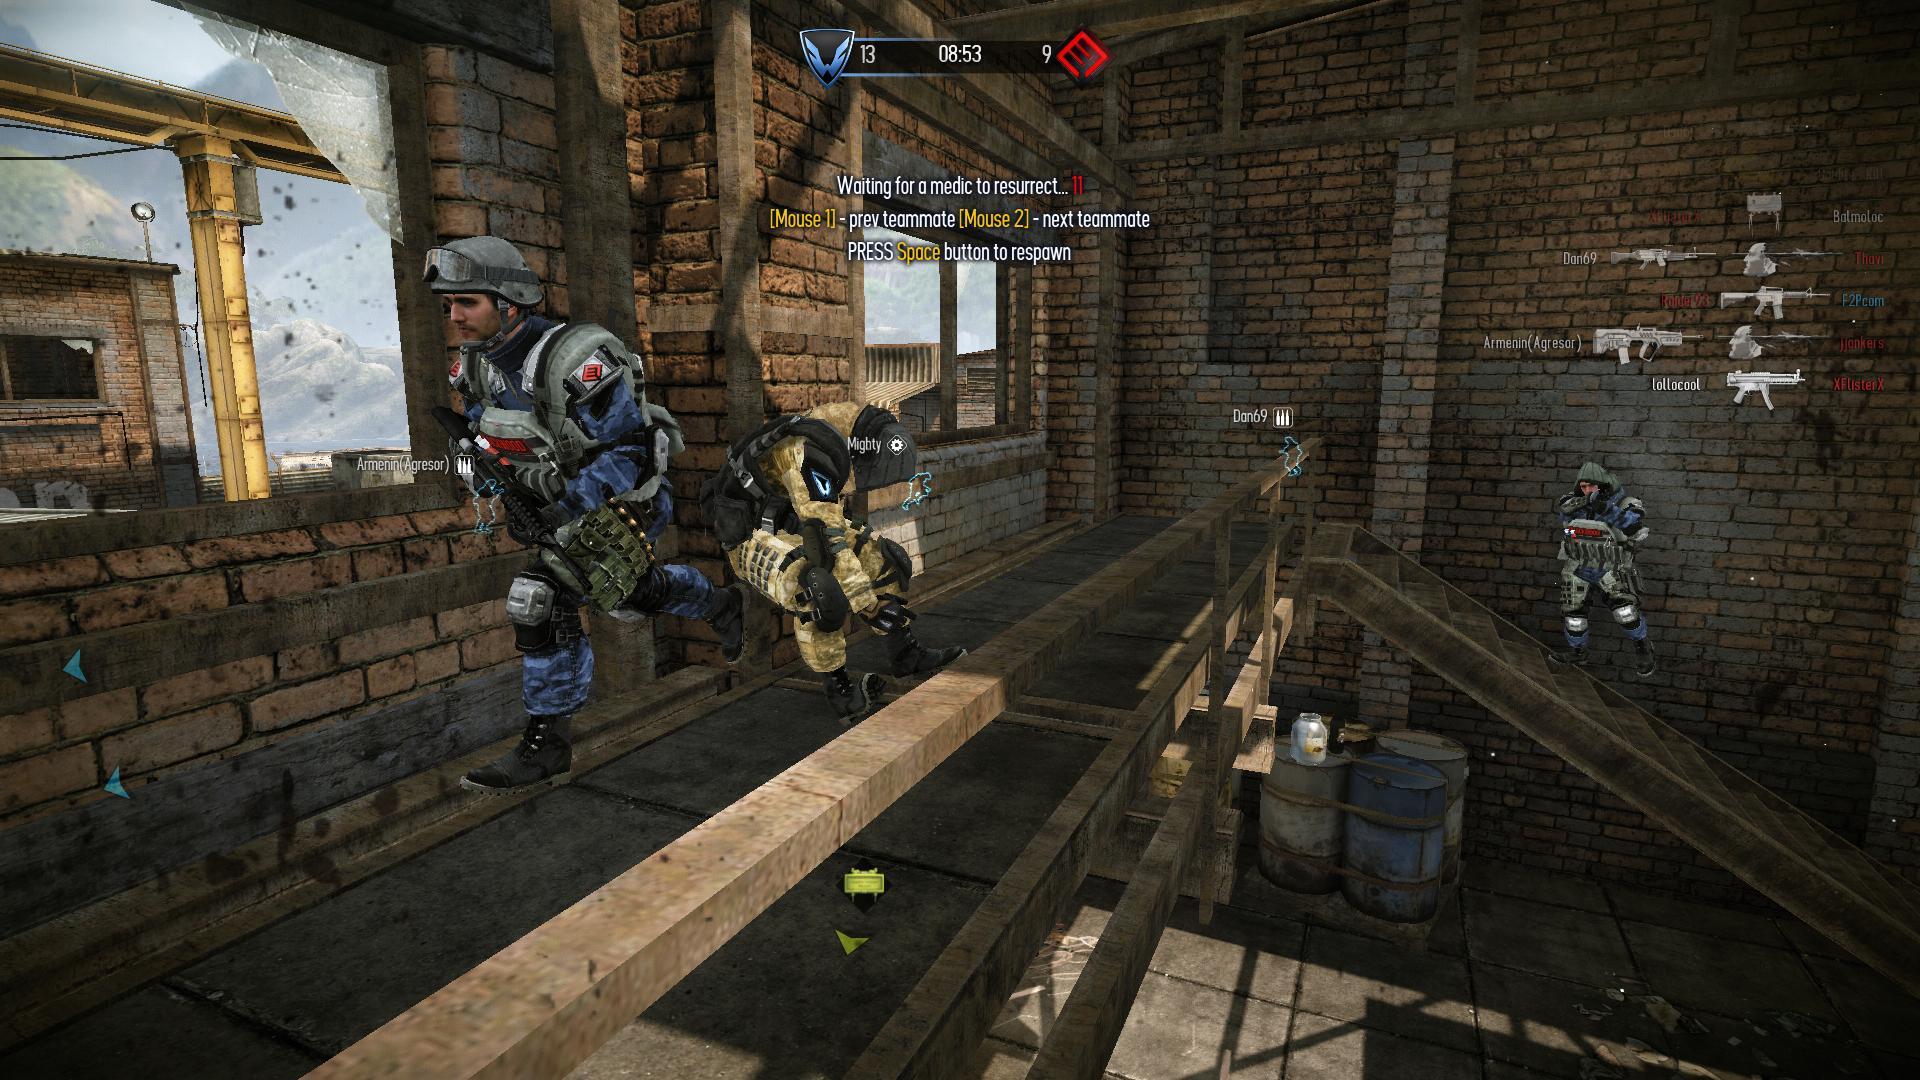 Warface Free2Play - Warface F2P Game, Warface Free-to-play